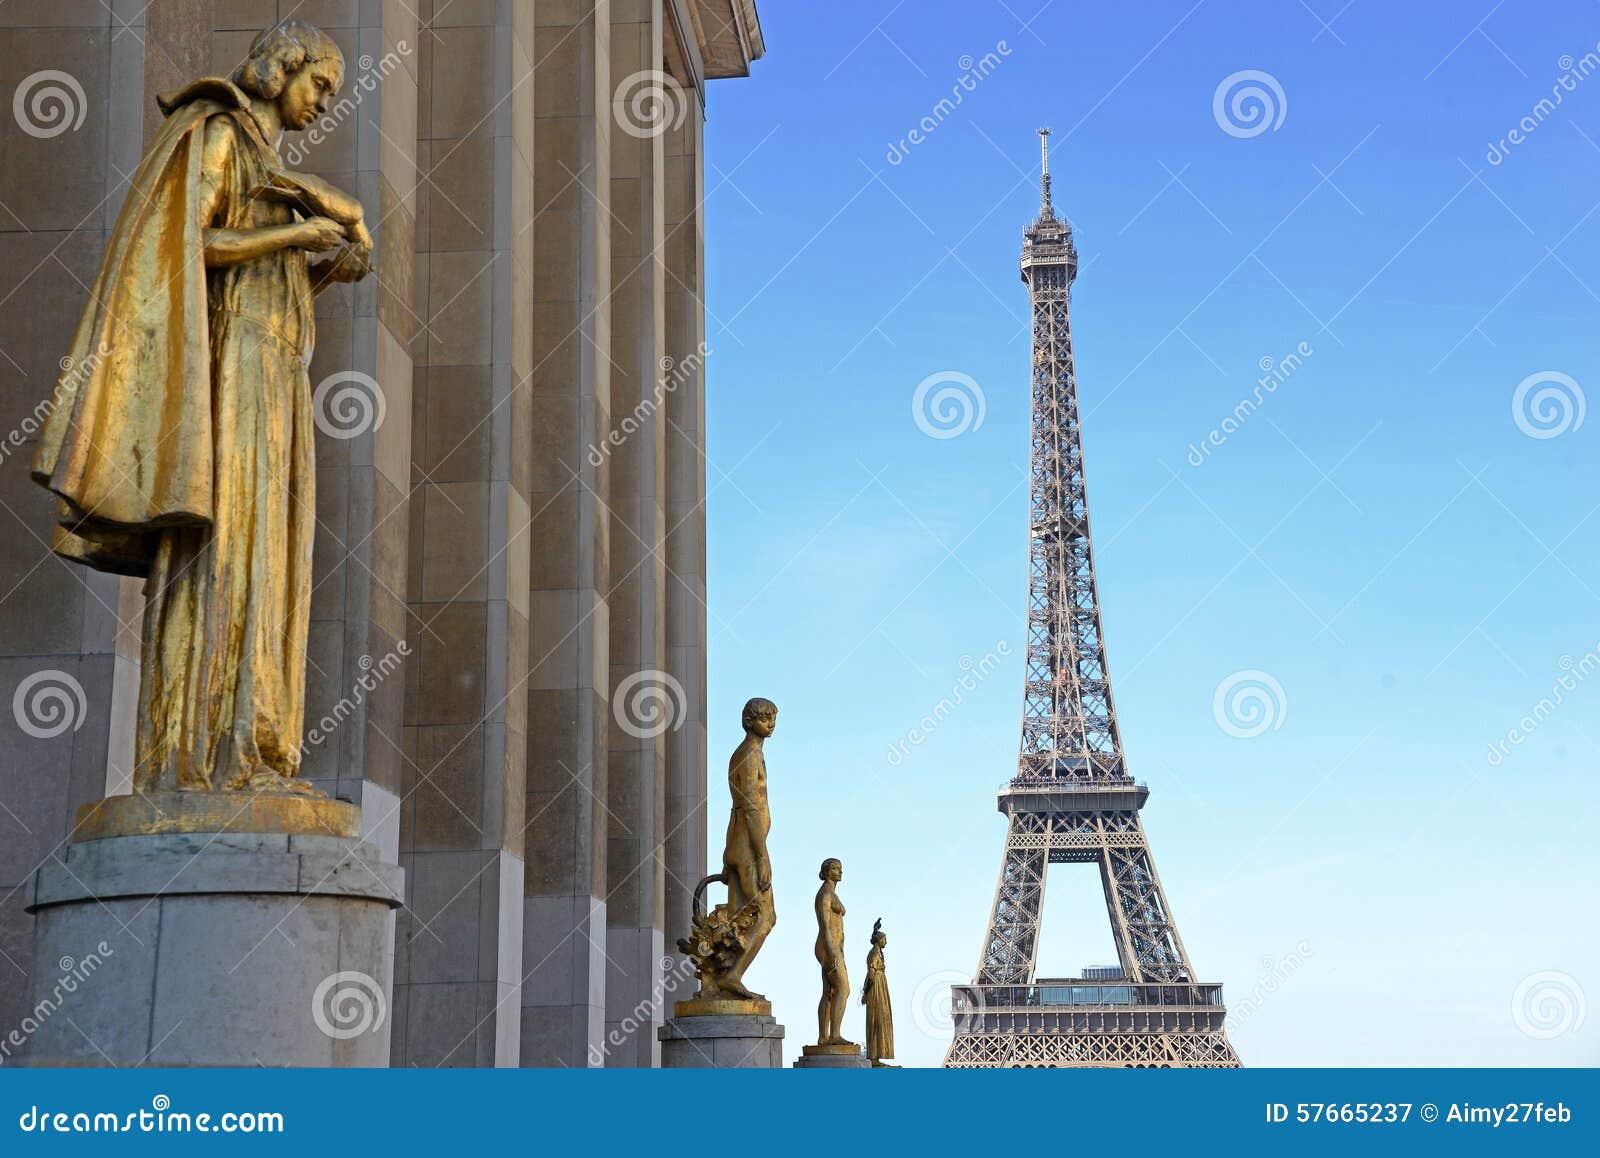 Widok od Trocadero z złotymi statuami na wieży eifla, Paryż